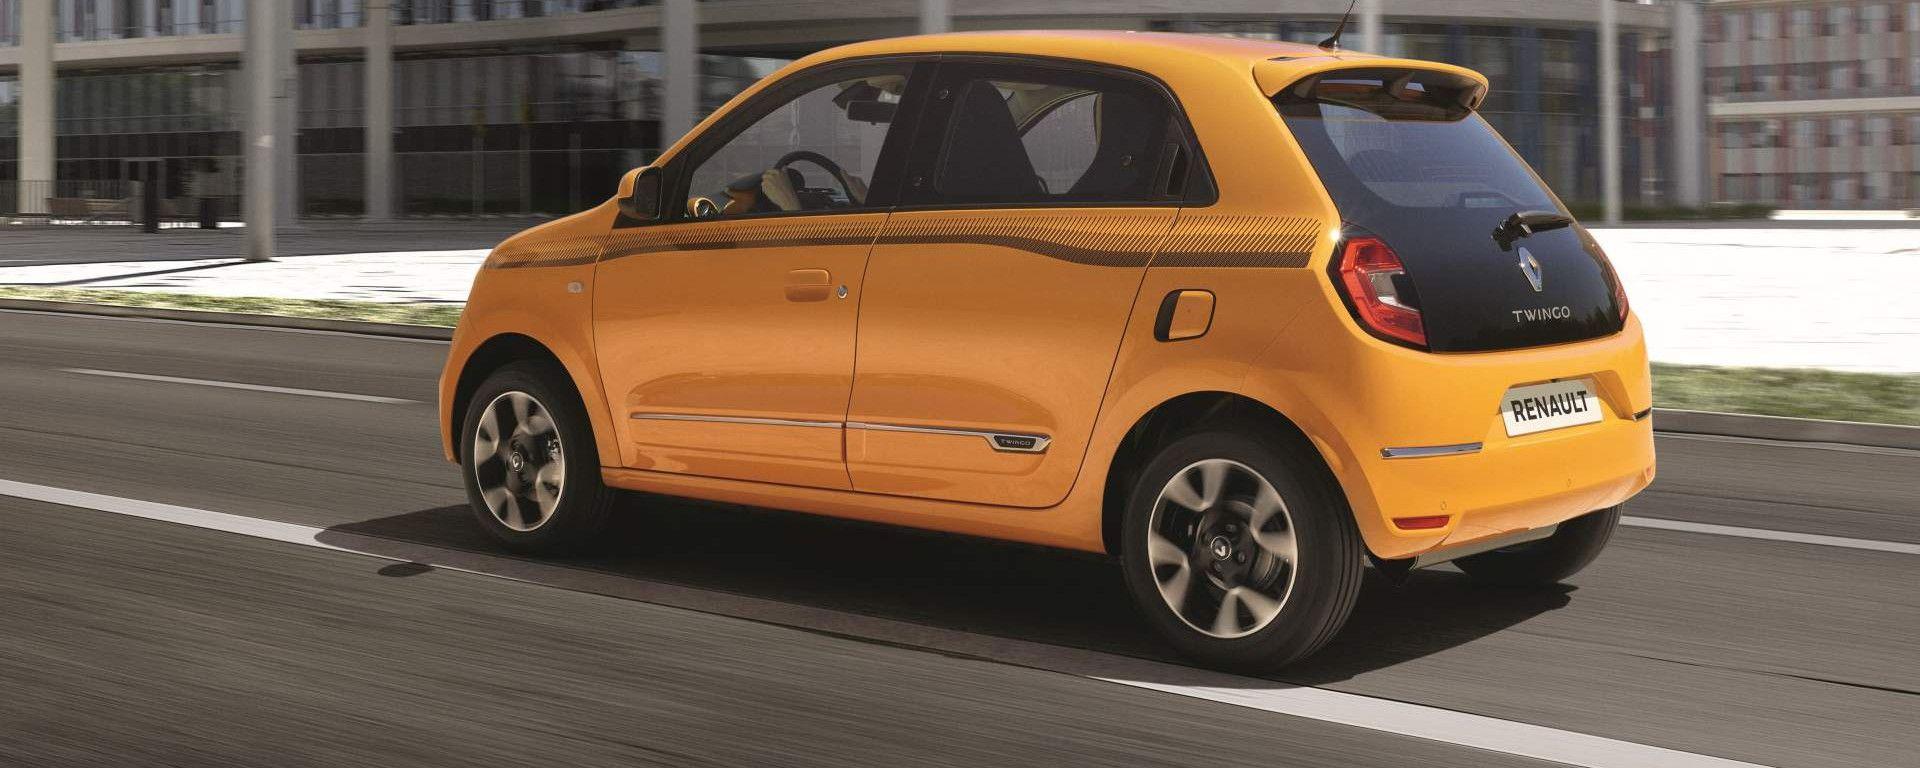 Renault Twingo: è in arrivo la versione elettrica